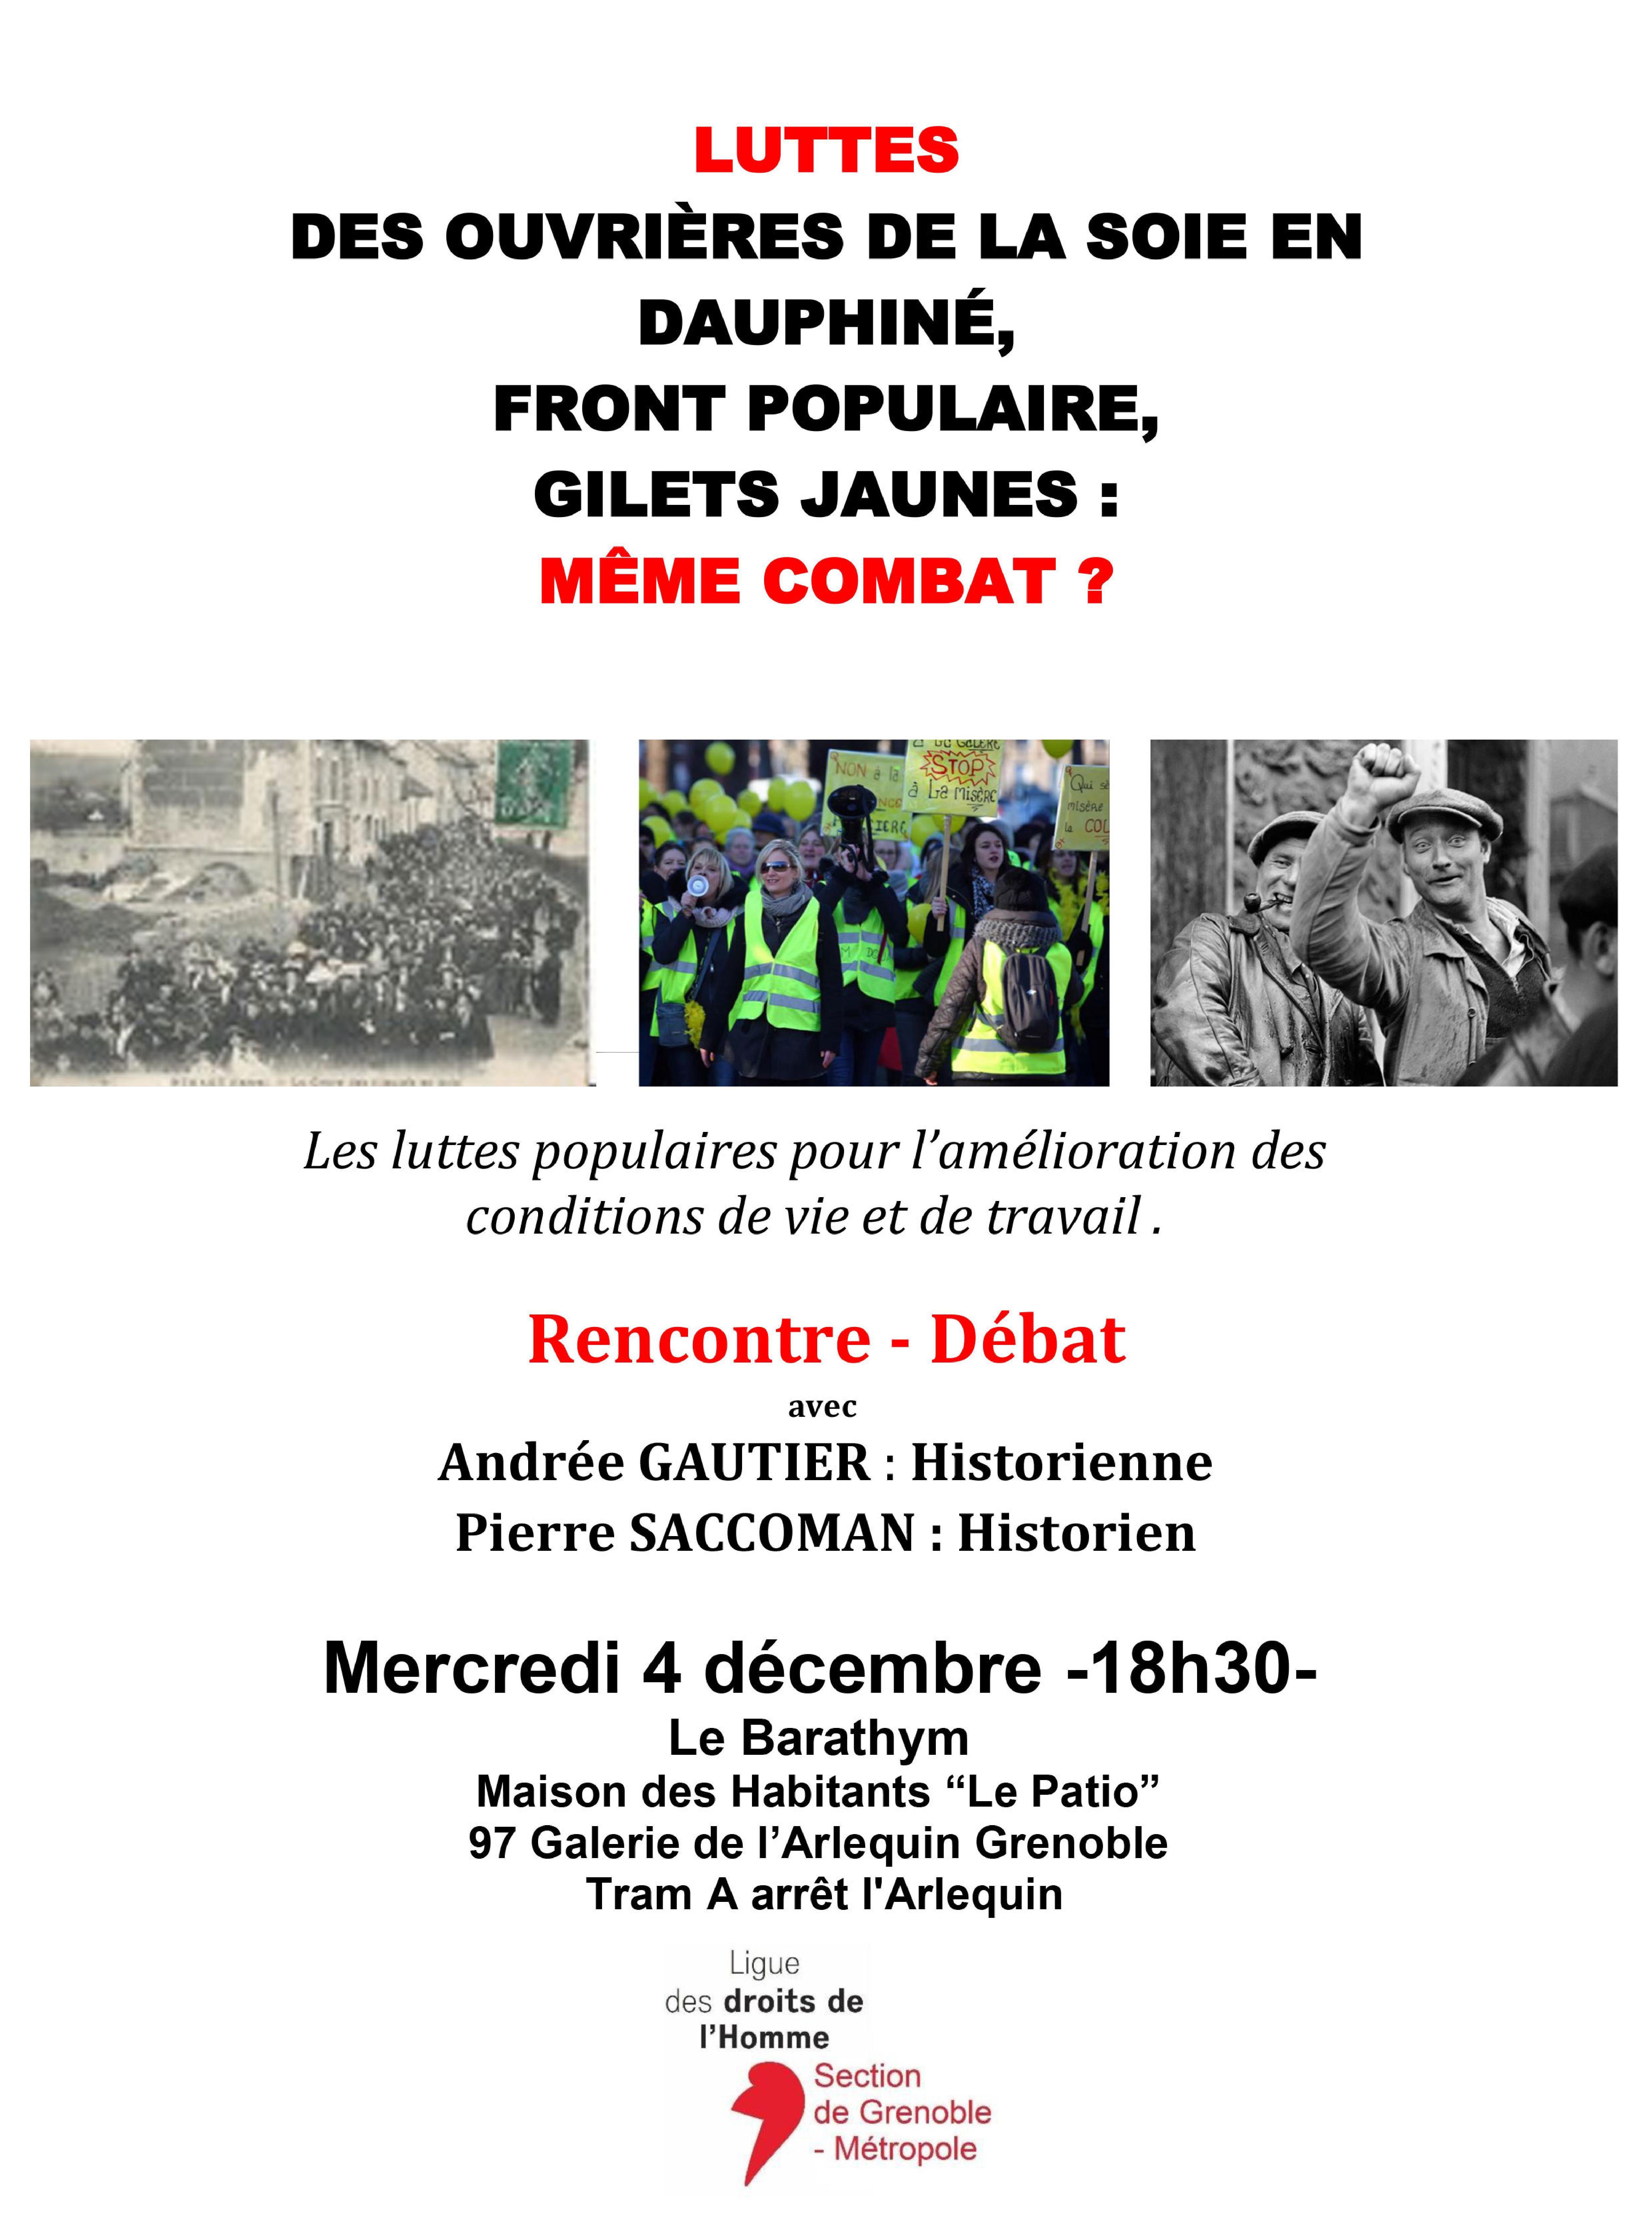 Rencontre-débat sur les luttes ouvrières d'hier et d'aujourd'hui @ Le Barathym